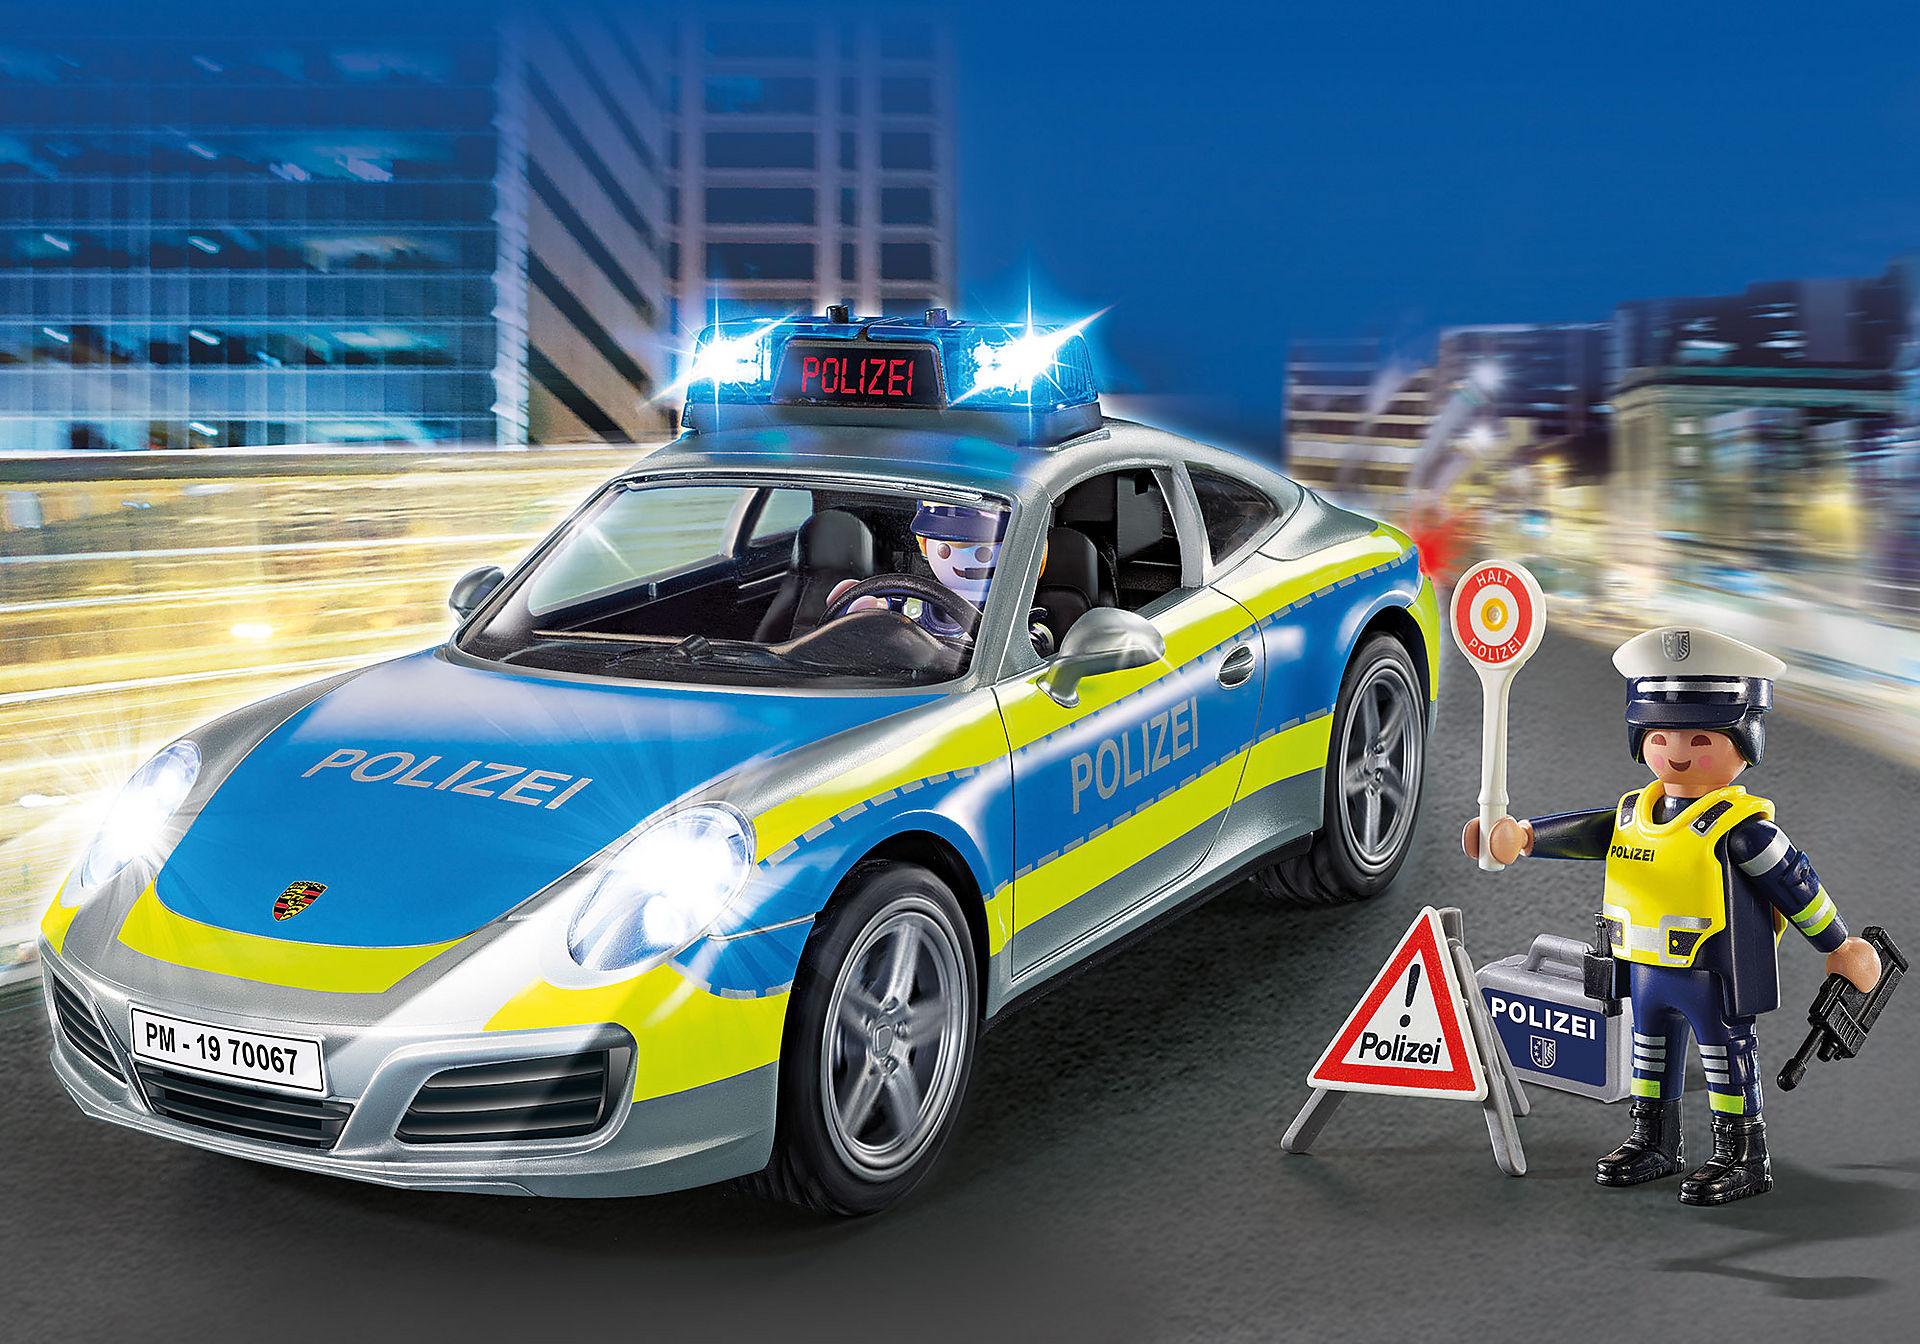 70067 Porsche 911 Carrera 4S Politie - grijs zoom image1